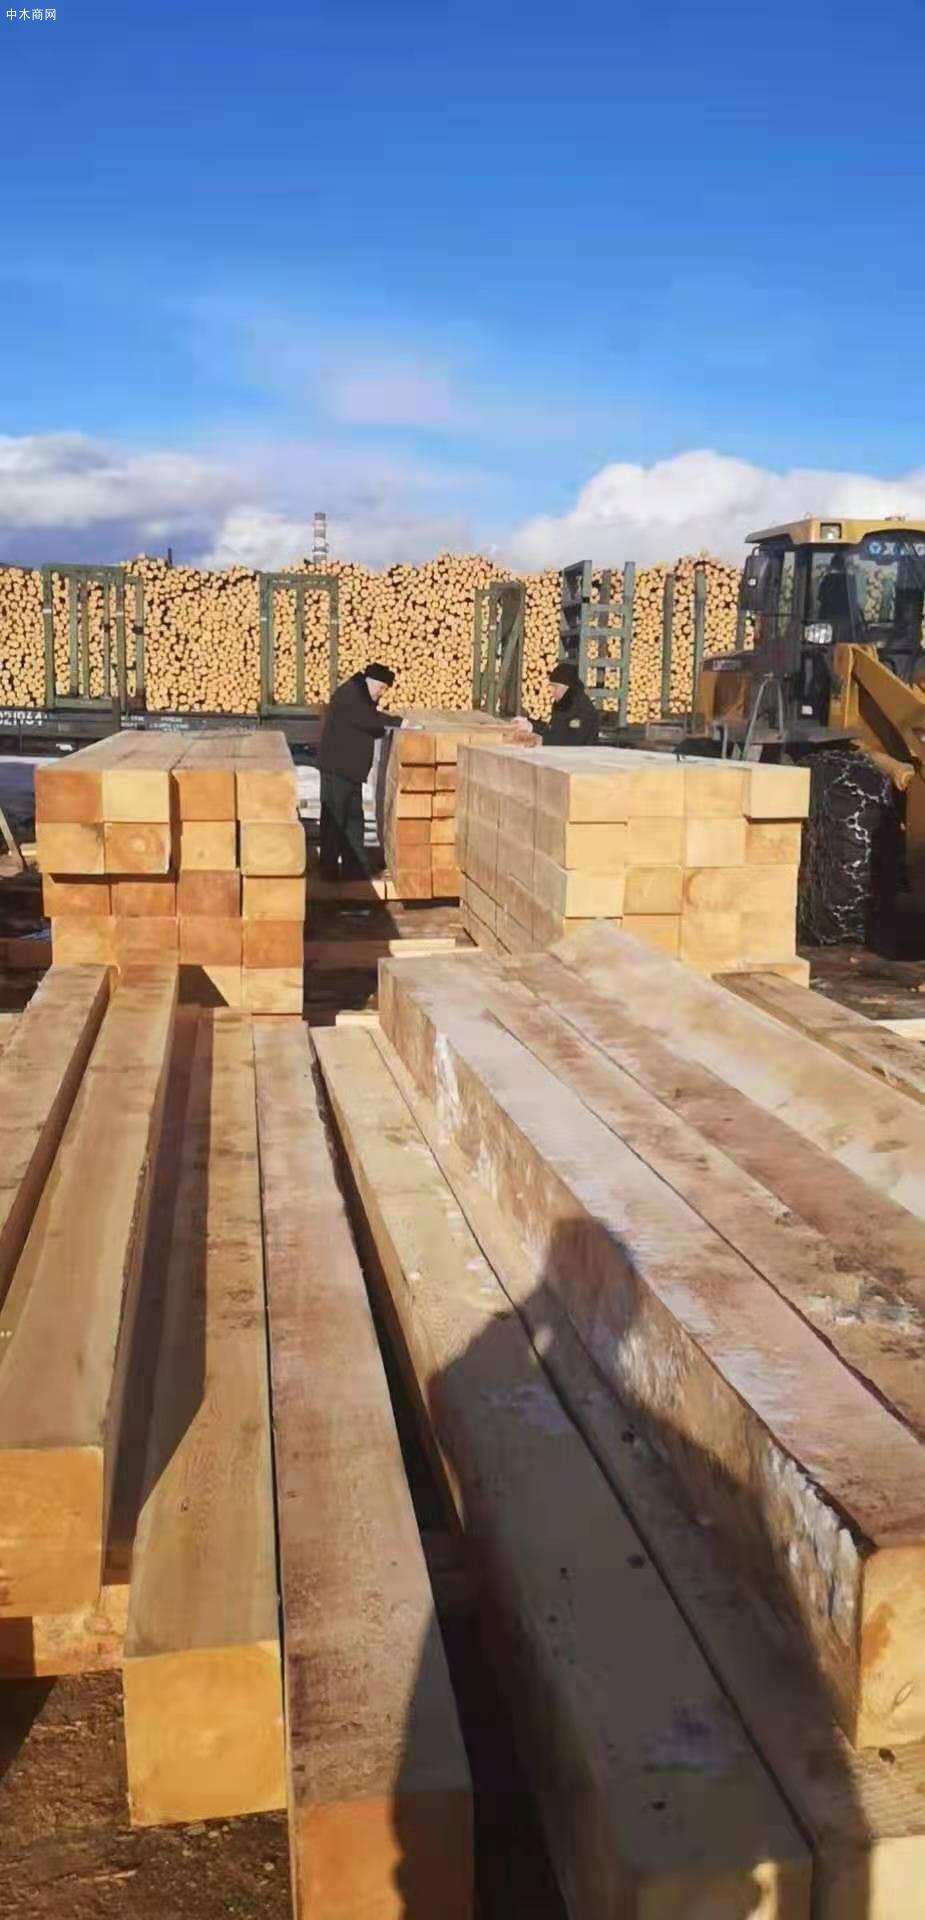 俄罗斯樟子松防腐木供应商质量材质上乘品牌